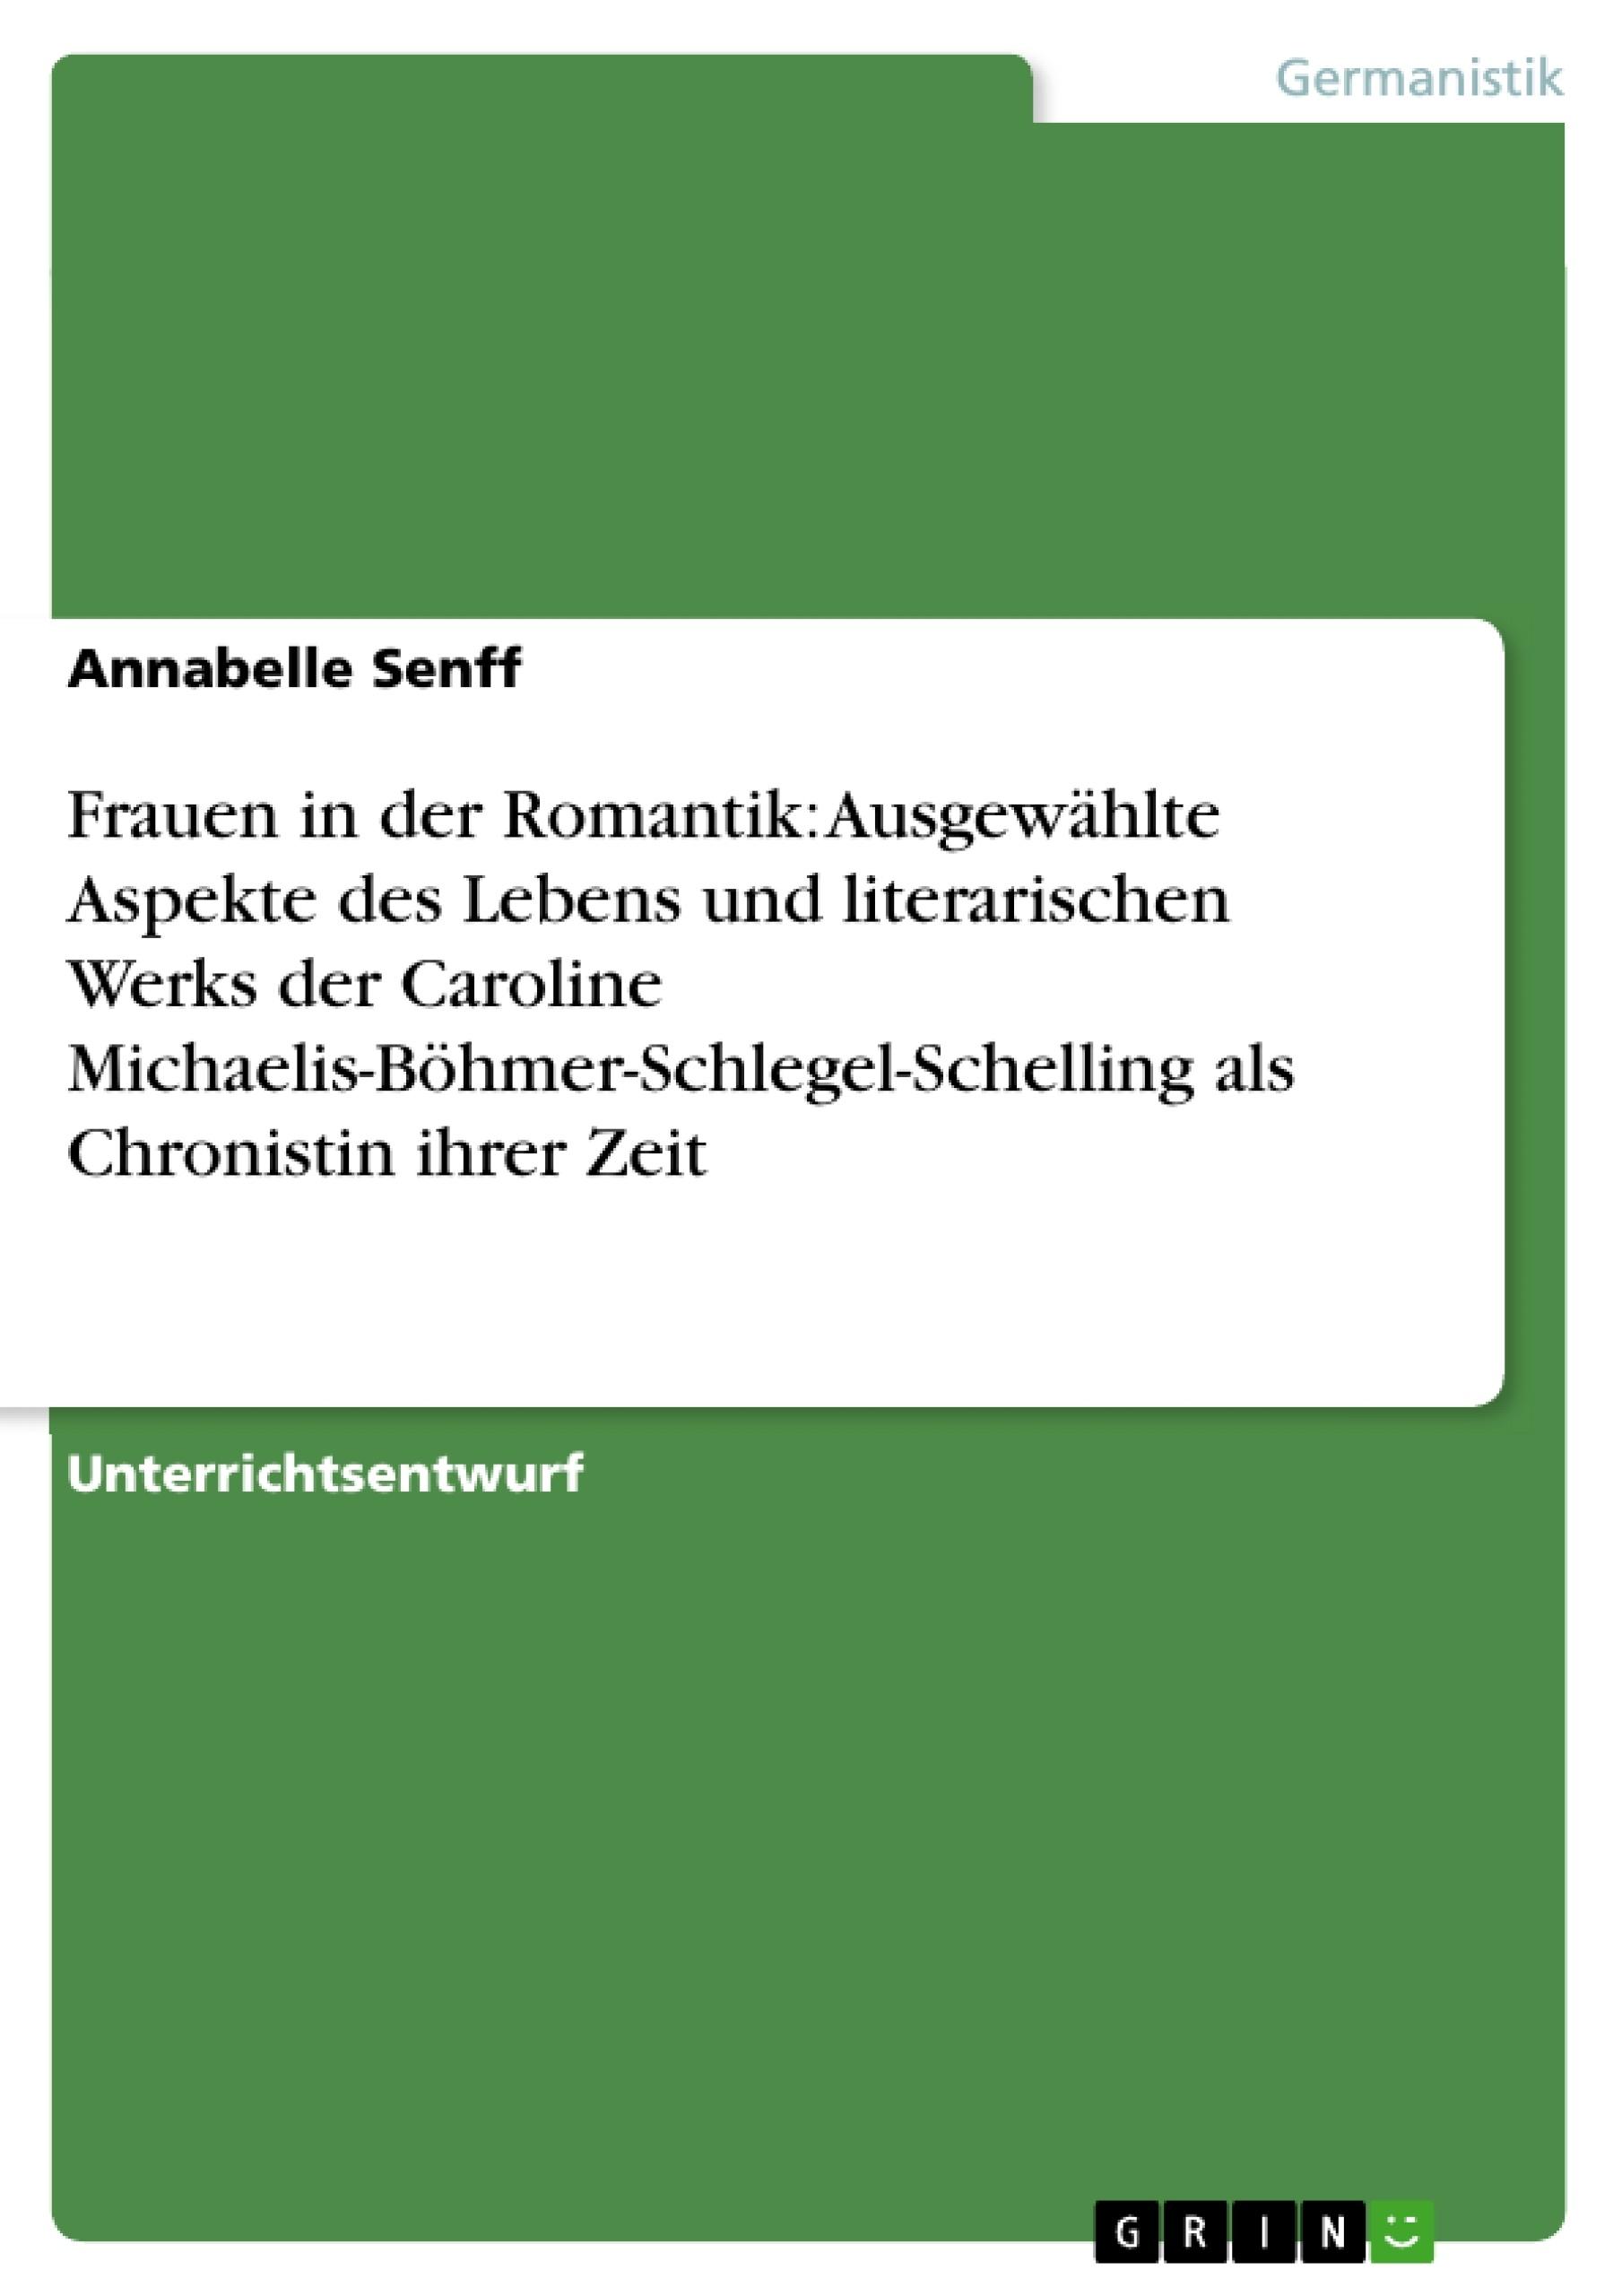 Titel: Frauen in der Romantik: Ausgewählte Aspekte des Lebens und literarischen Werks der Caroline Michaelis-Böhmer-Schlegel-Schelling als Chronistin ihrer Zeit